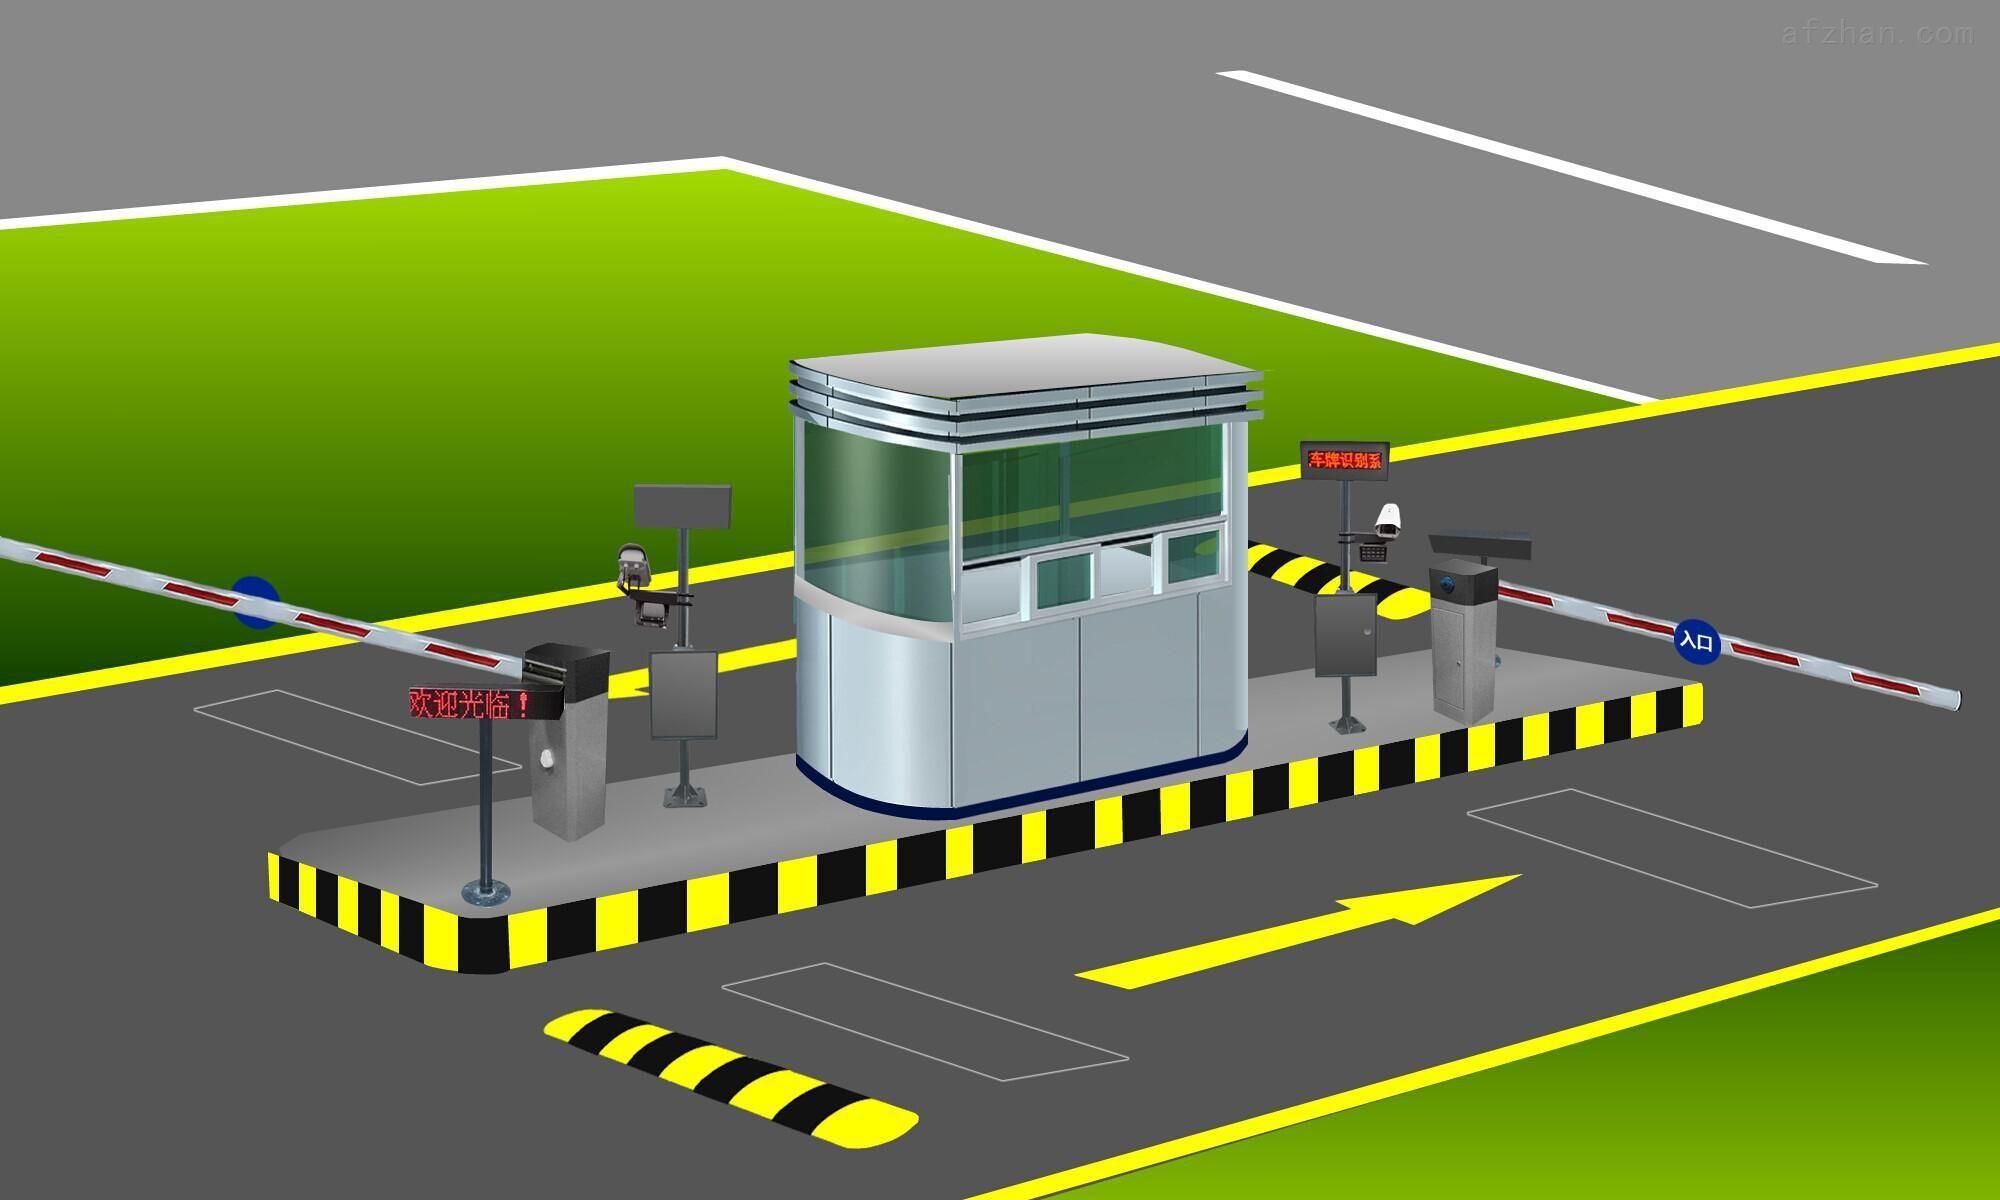 西安智能停车场系统_业务范围-陕西伟汇智能-出入口控制、综合安防、智能建筑。